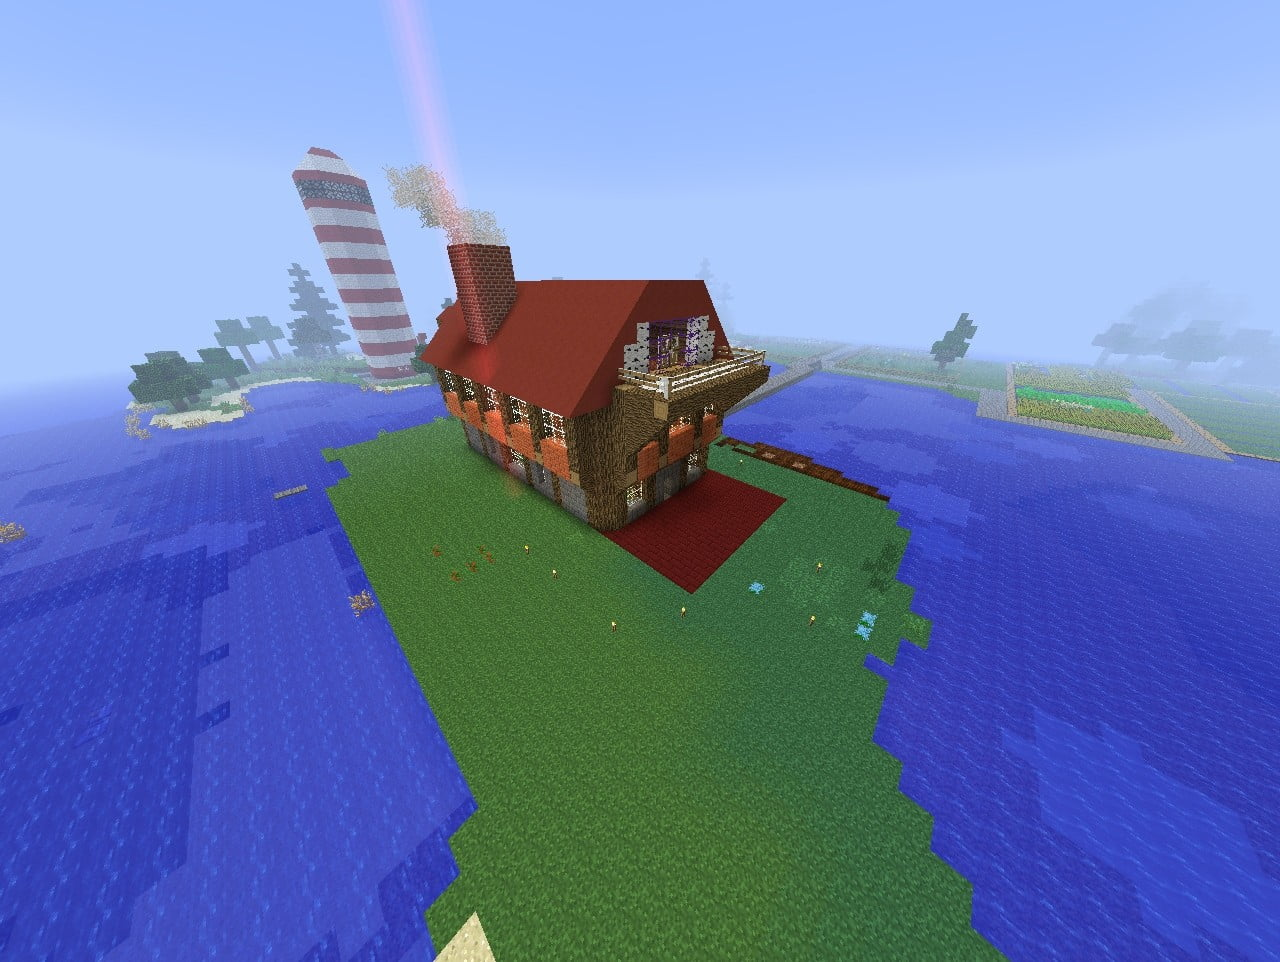 ᐅ Haus Mit Schrägen In Minecraft Bauen Minecraftbauideende - Hauser in minecraft einfugen